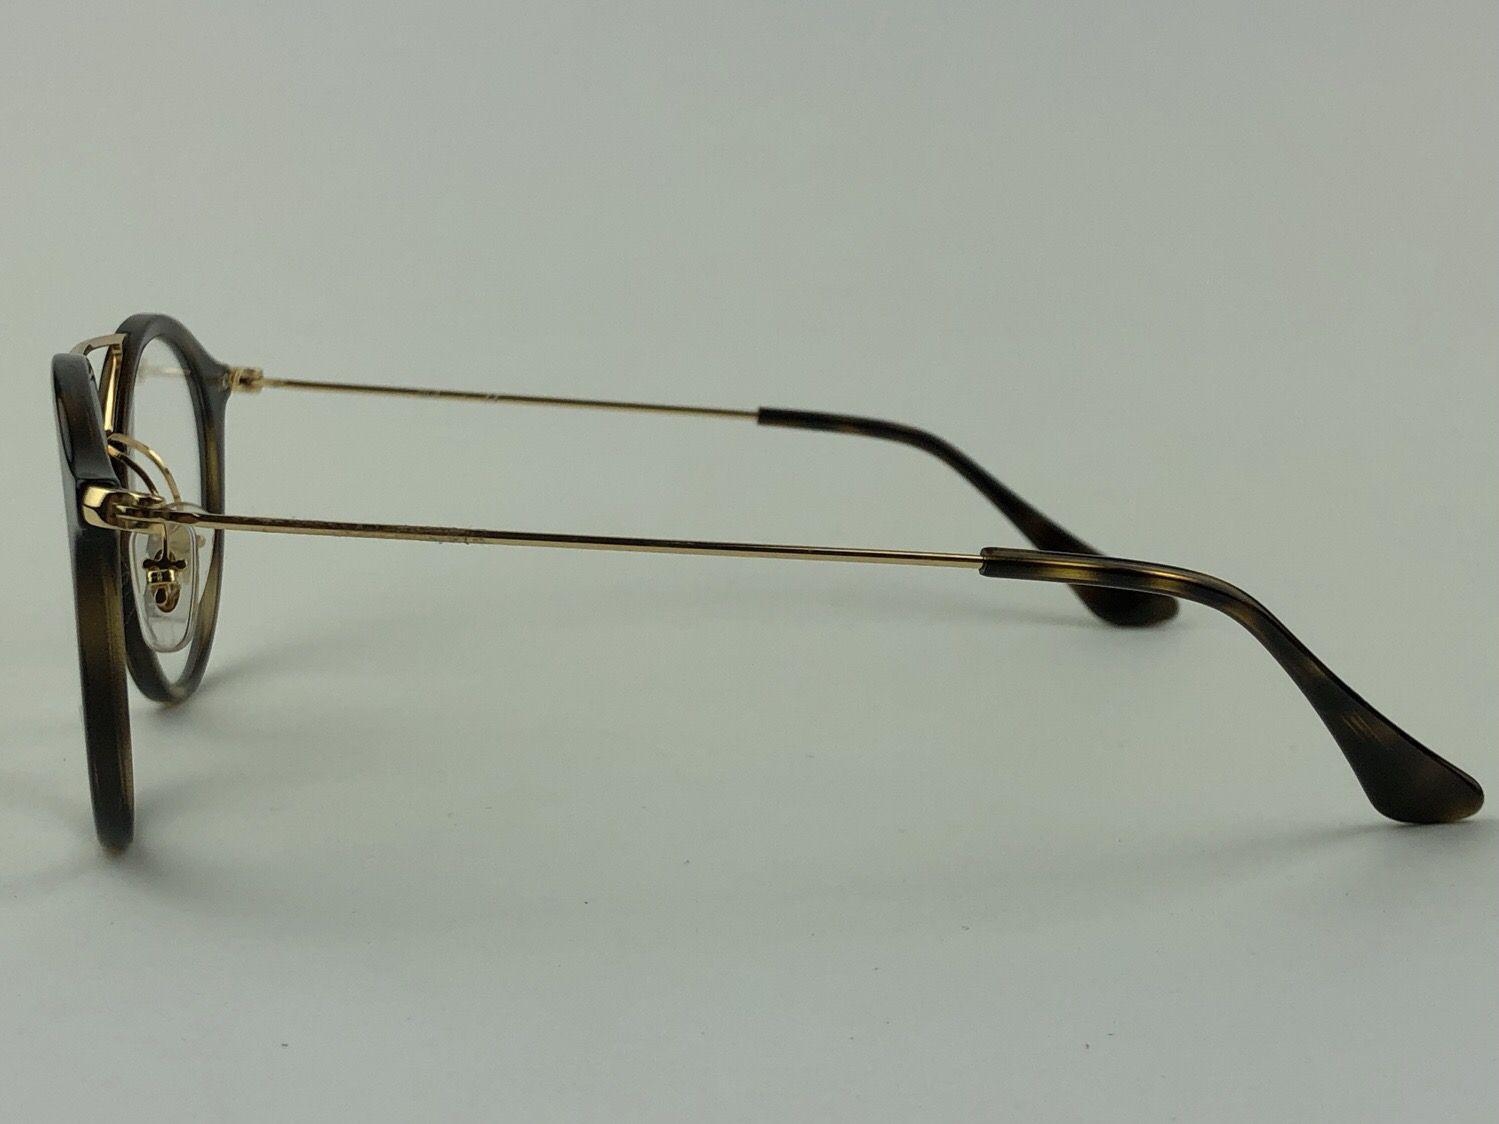 Ray Ban Optical - RX7097 - Havana - 2012 - 49/21 - Armação para grau